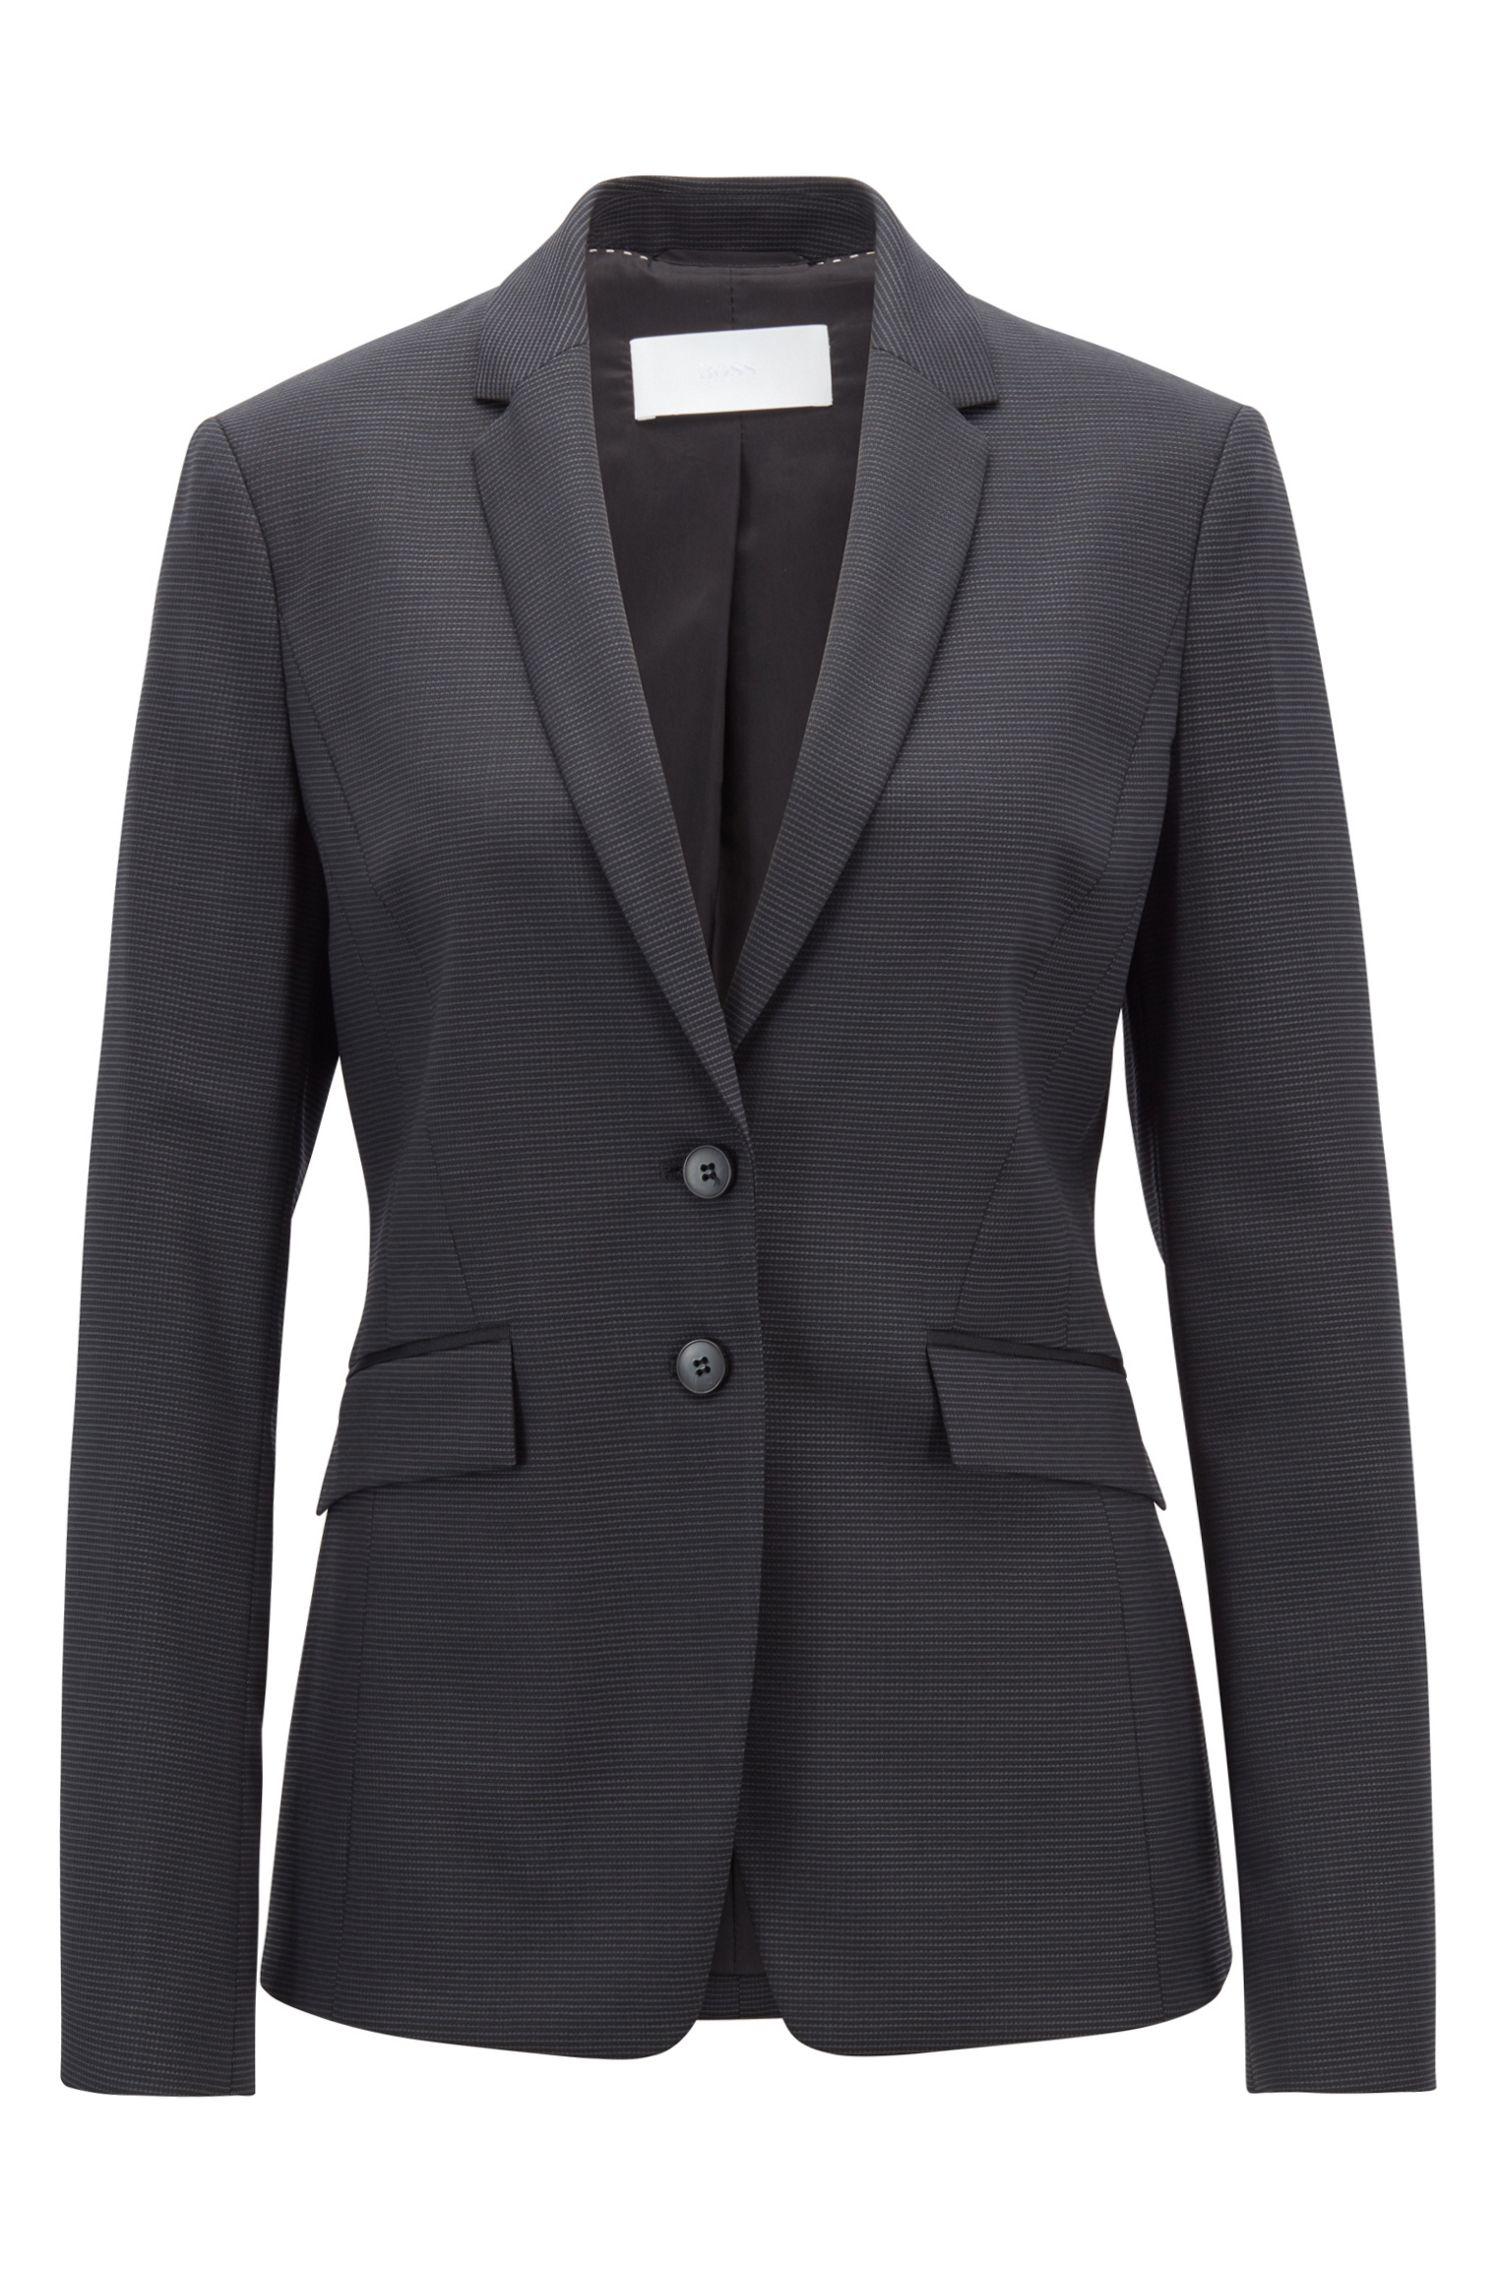 Regular-fit blazer in Italian stretch virgin wool, Patterned